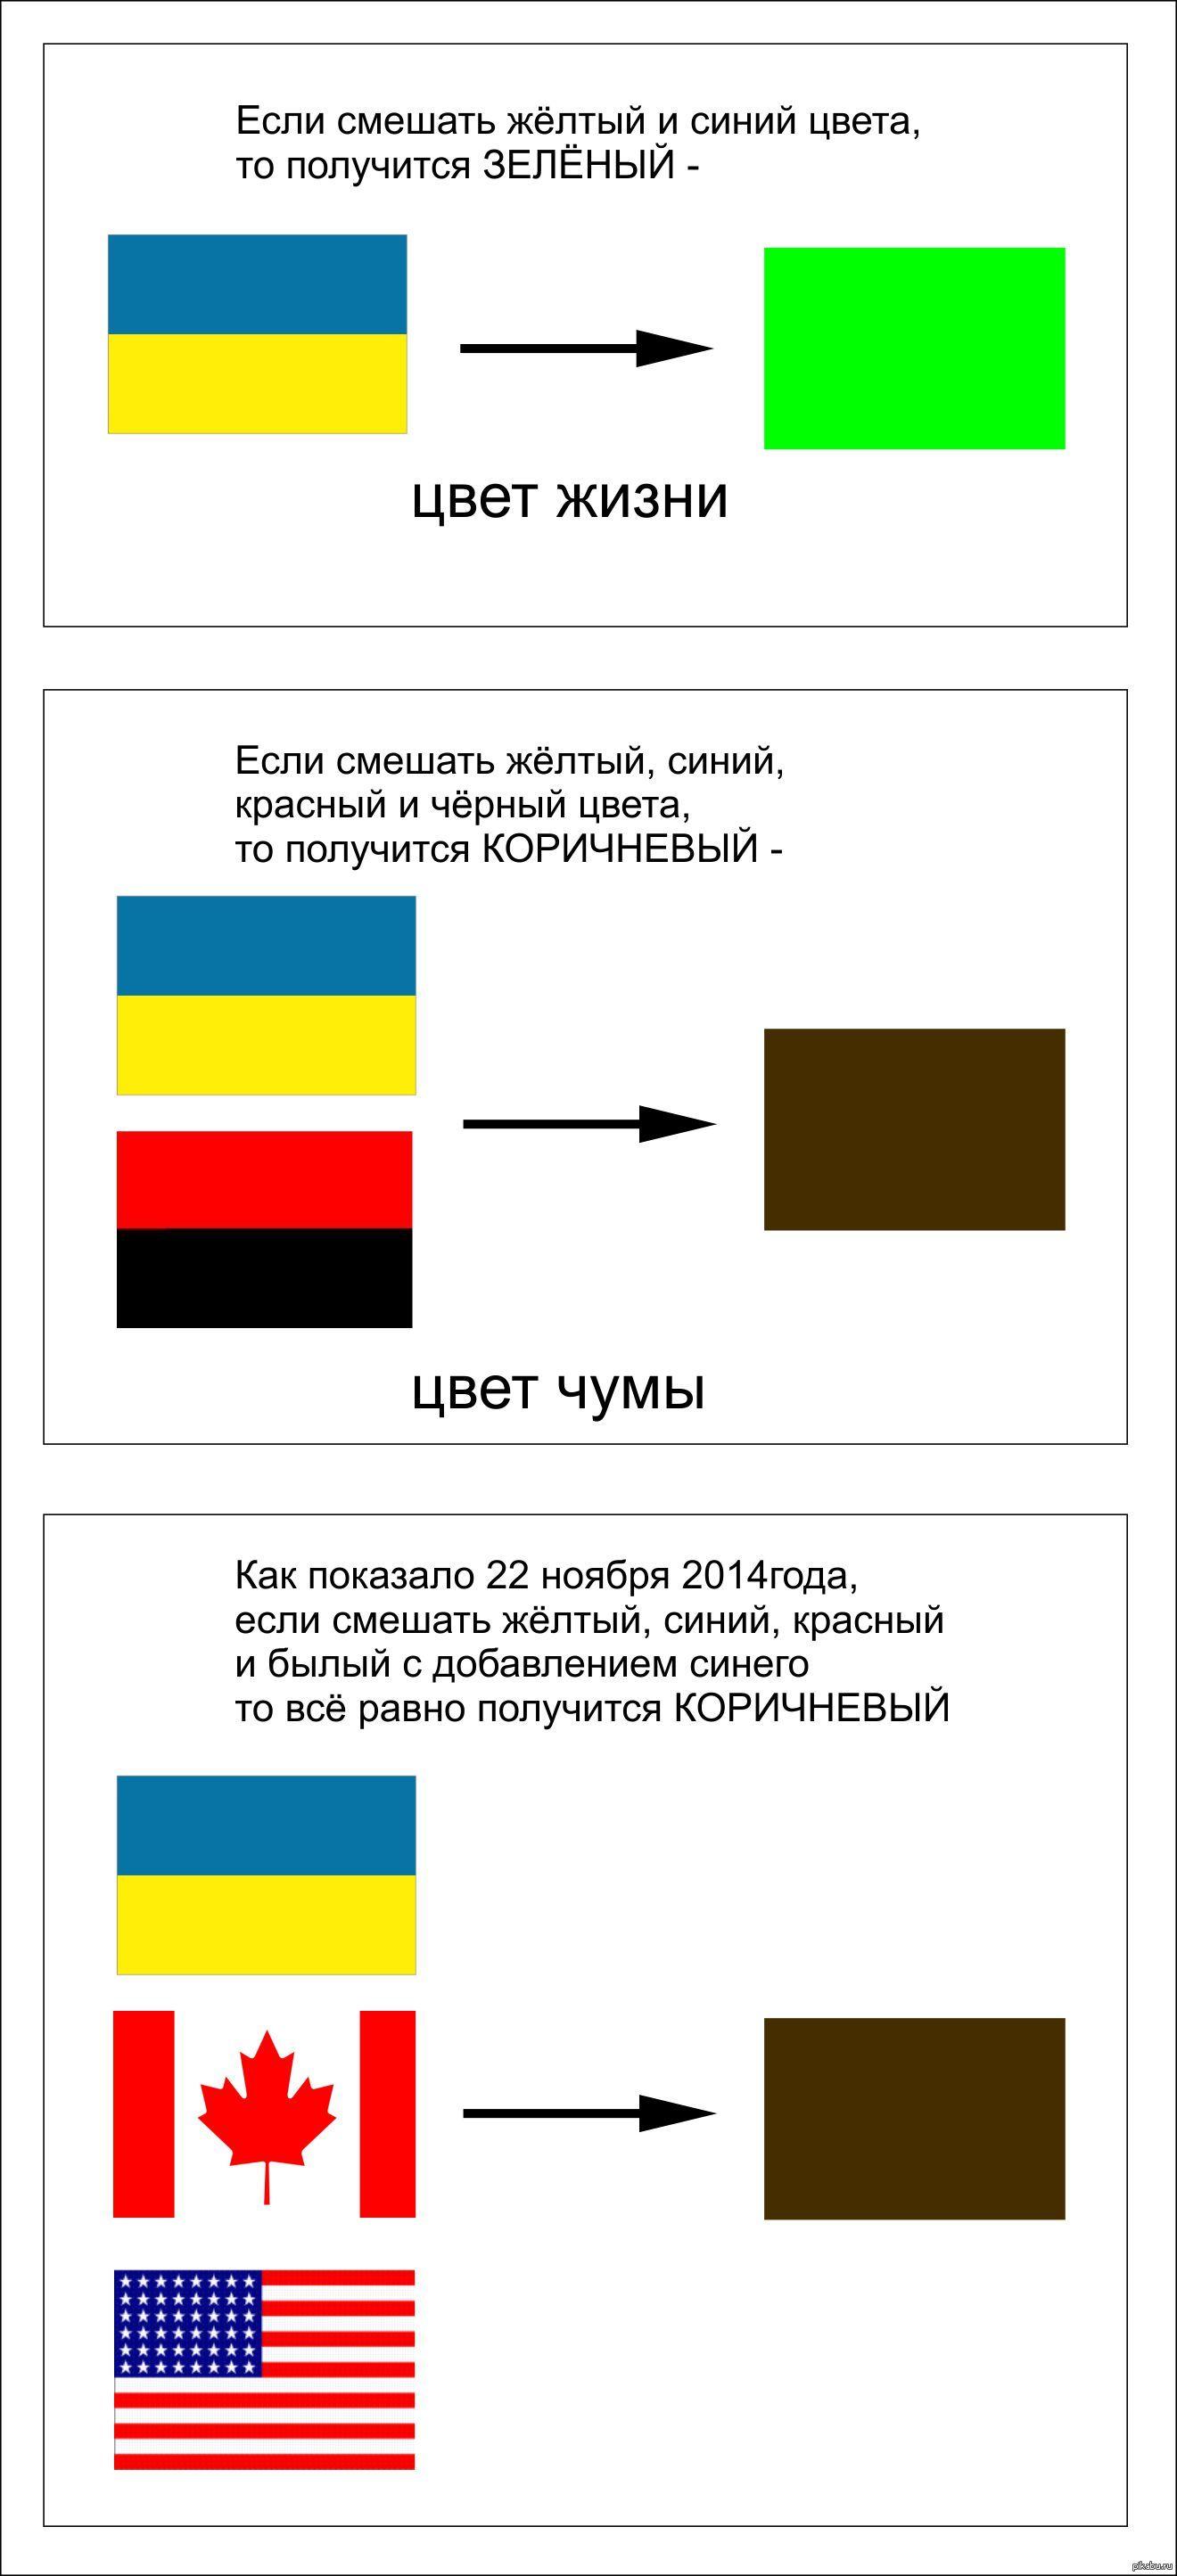 Какой цвет получиться если смешать красный и зеленый цвета